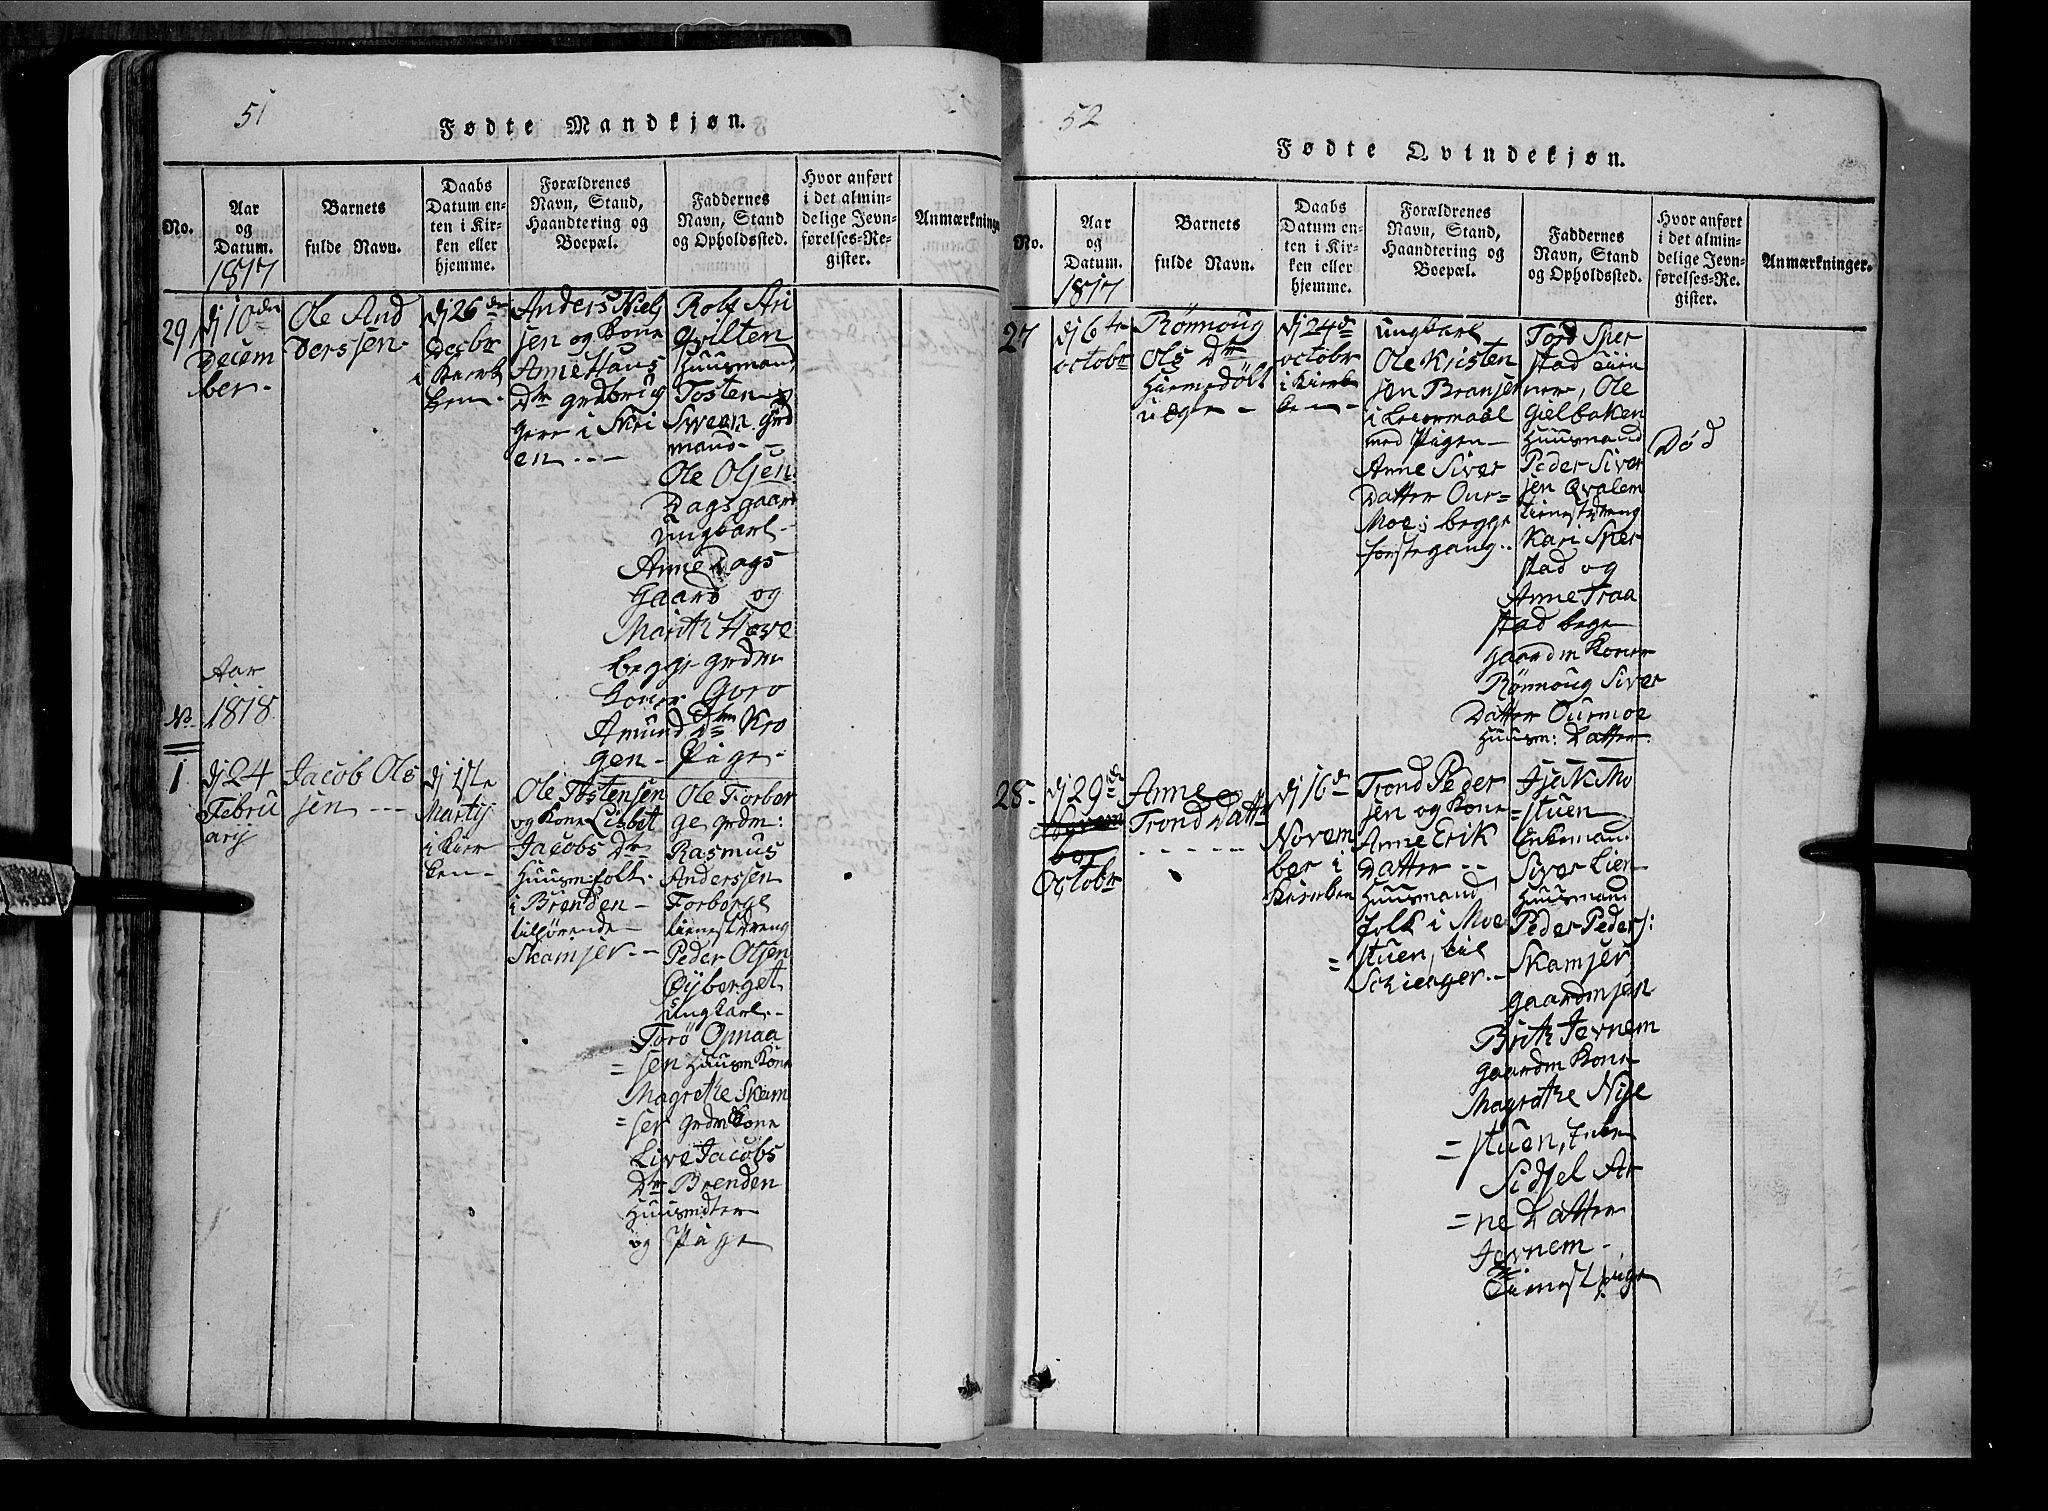 SAH, Lom prestekontor, L/L0003: Klokkerbok nr. 3, 1815-1844, s. 51-52